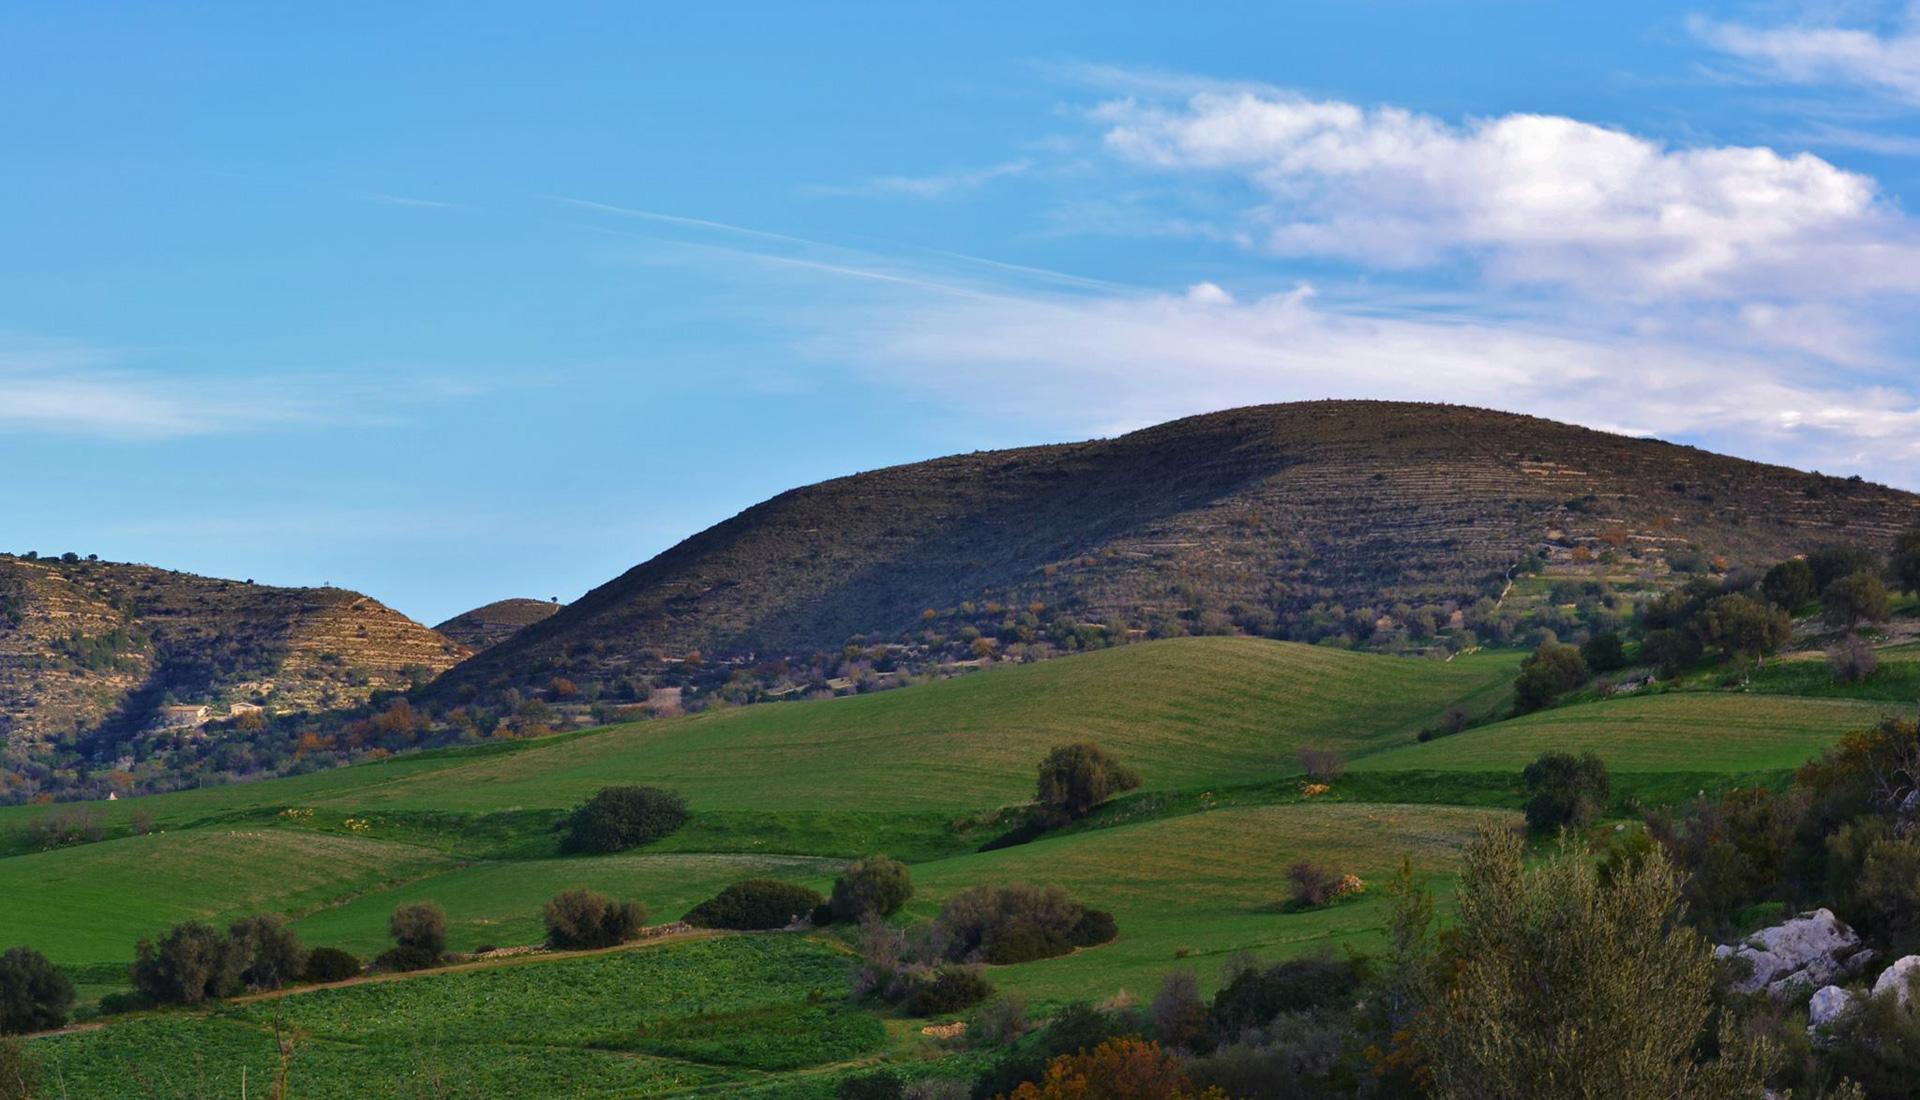 Monte Finocchito